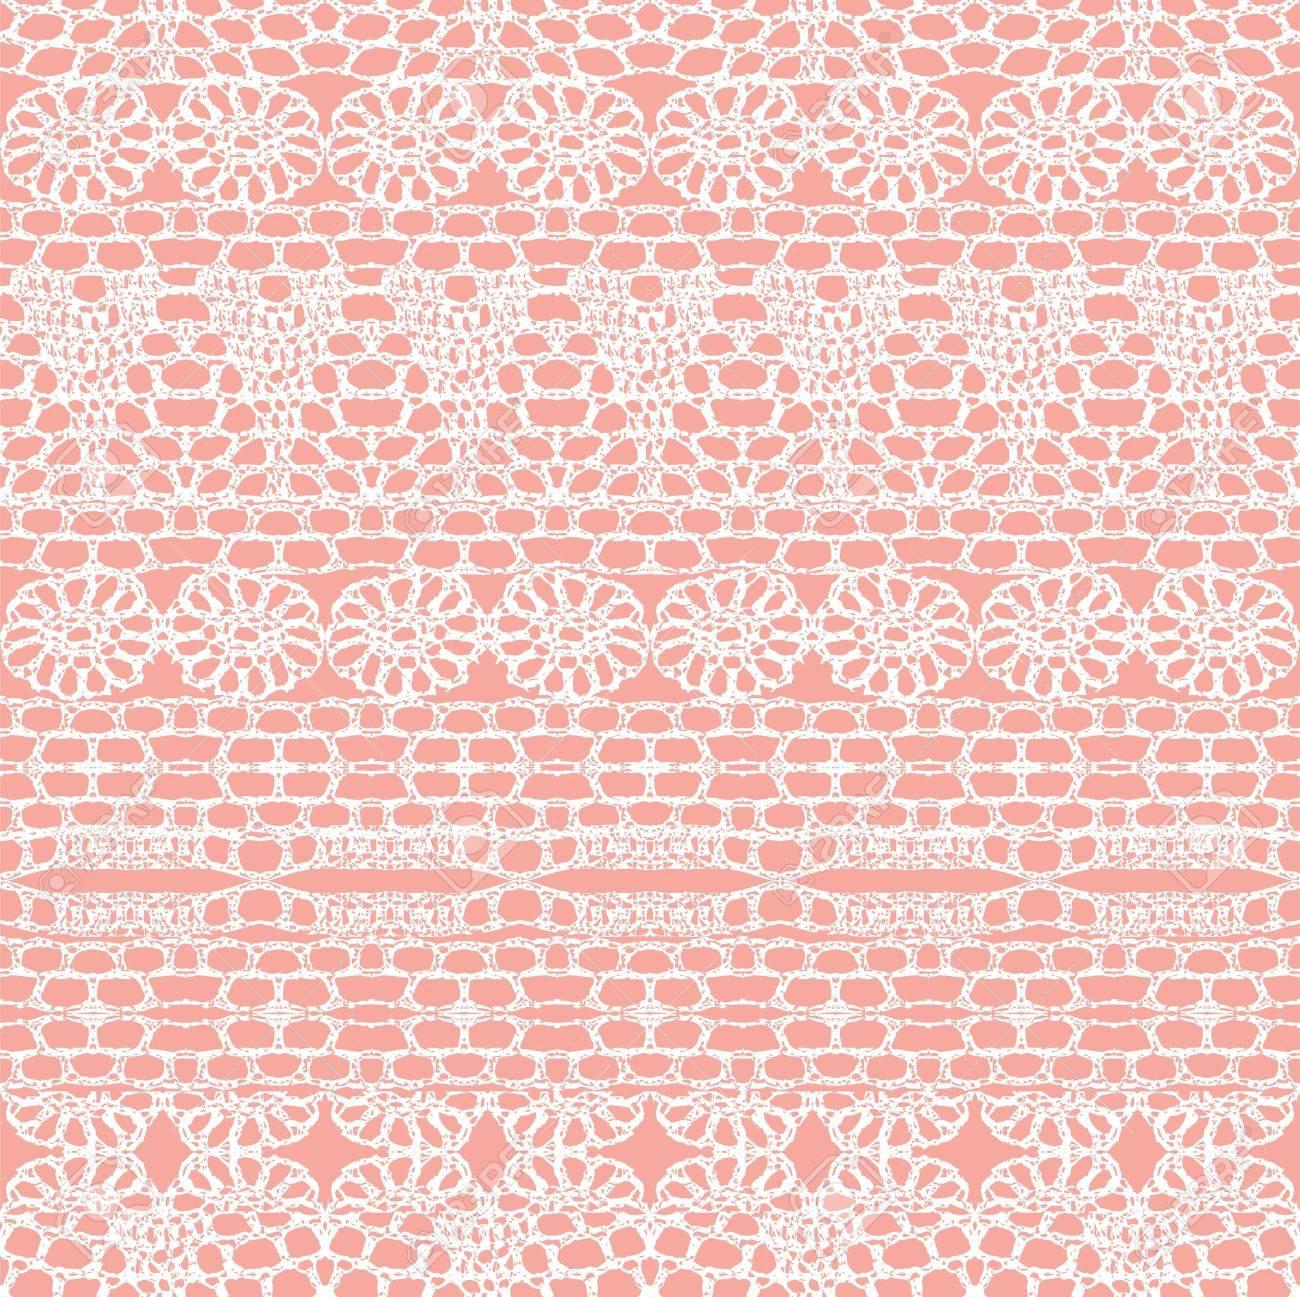 Cordones Sin Costura Crochet Patrón De Fondo Vector Ilustraciones ...